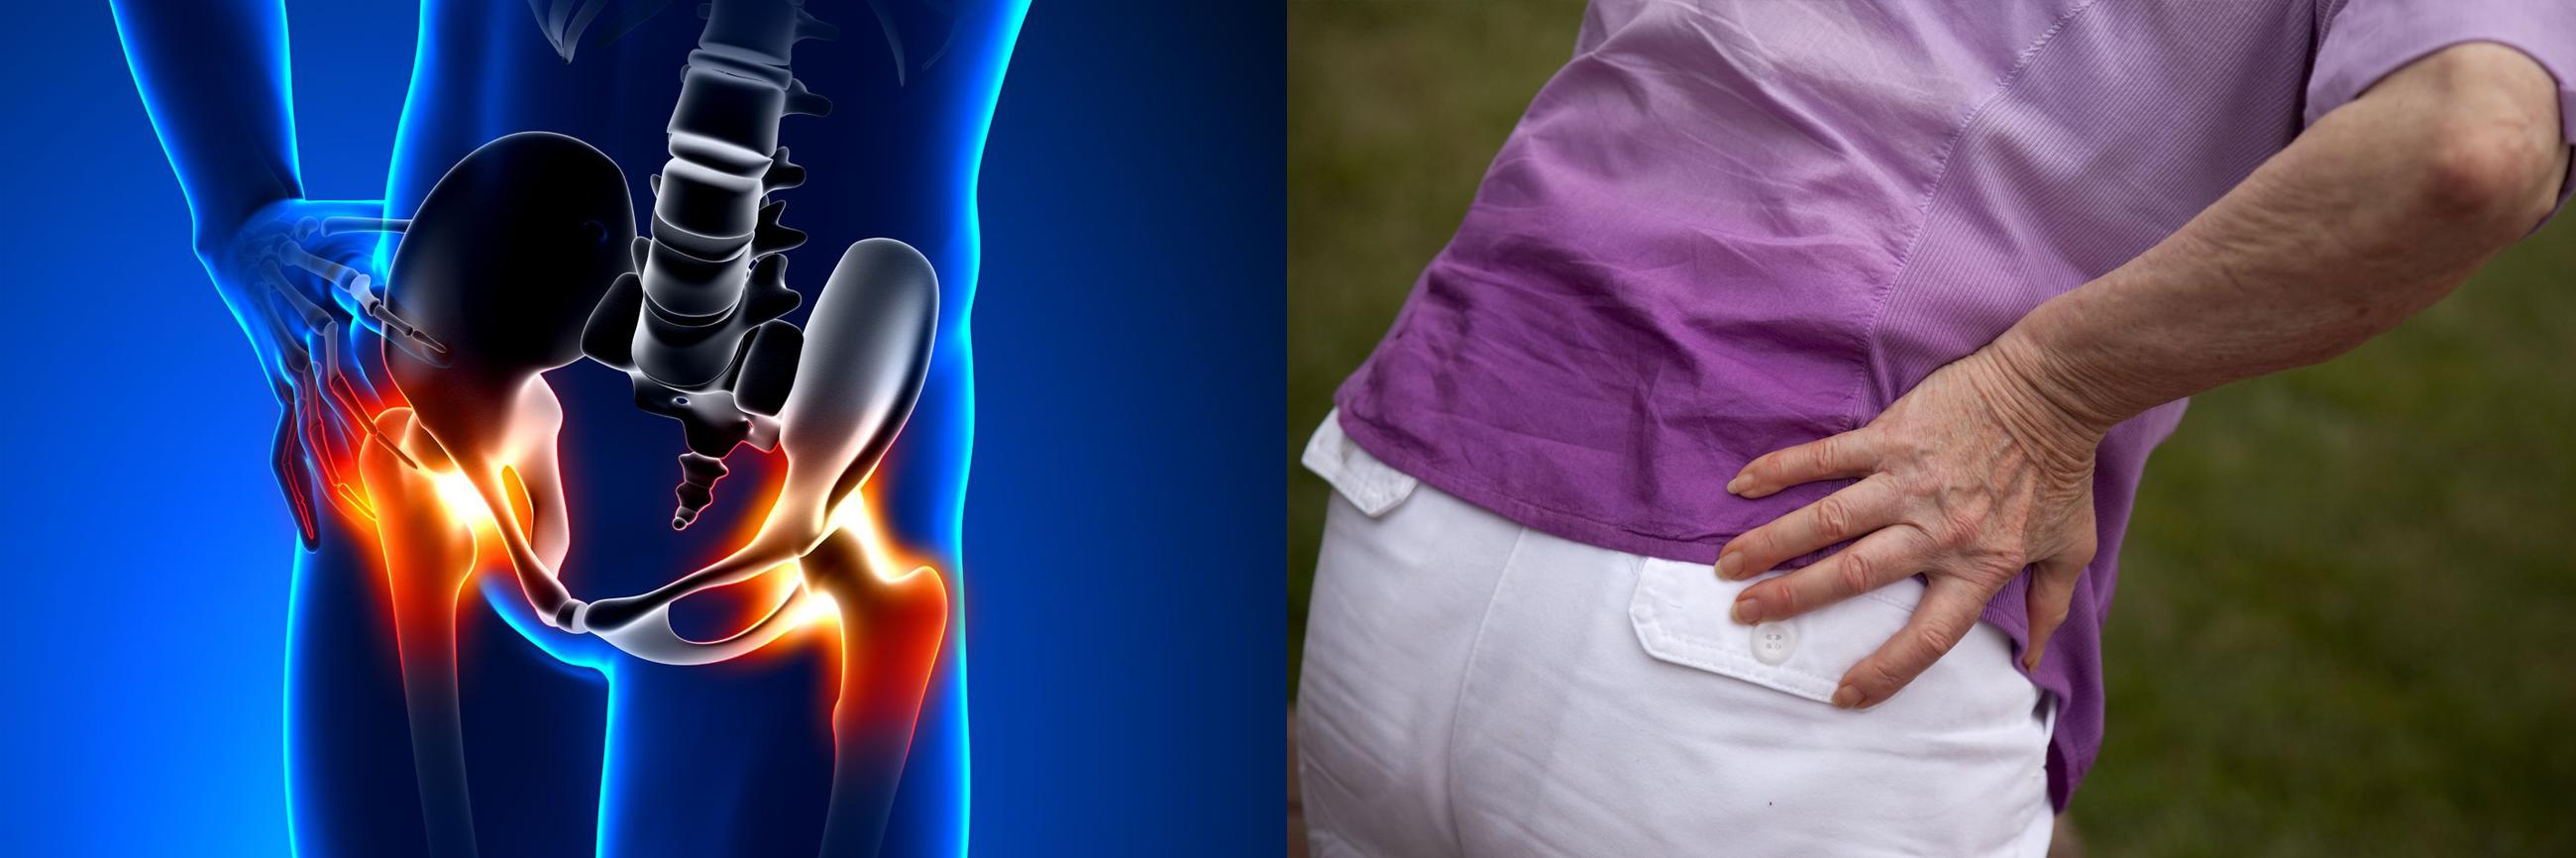 aki artróziskezelést ír elő nyaki osteochondrozis krém